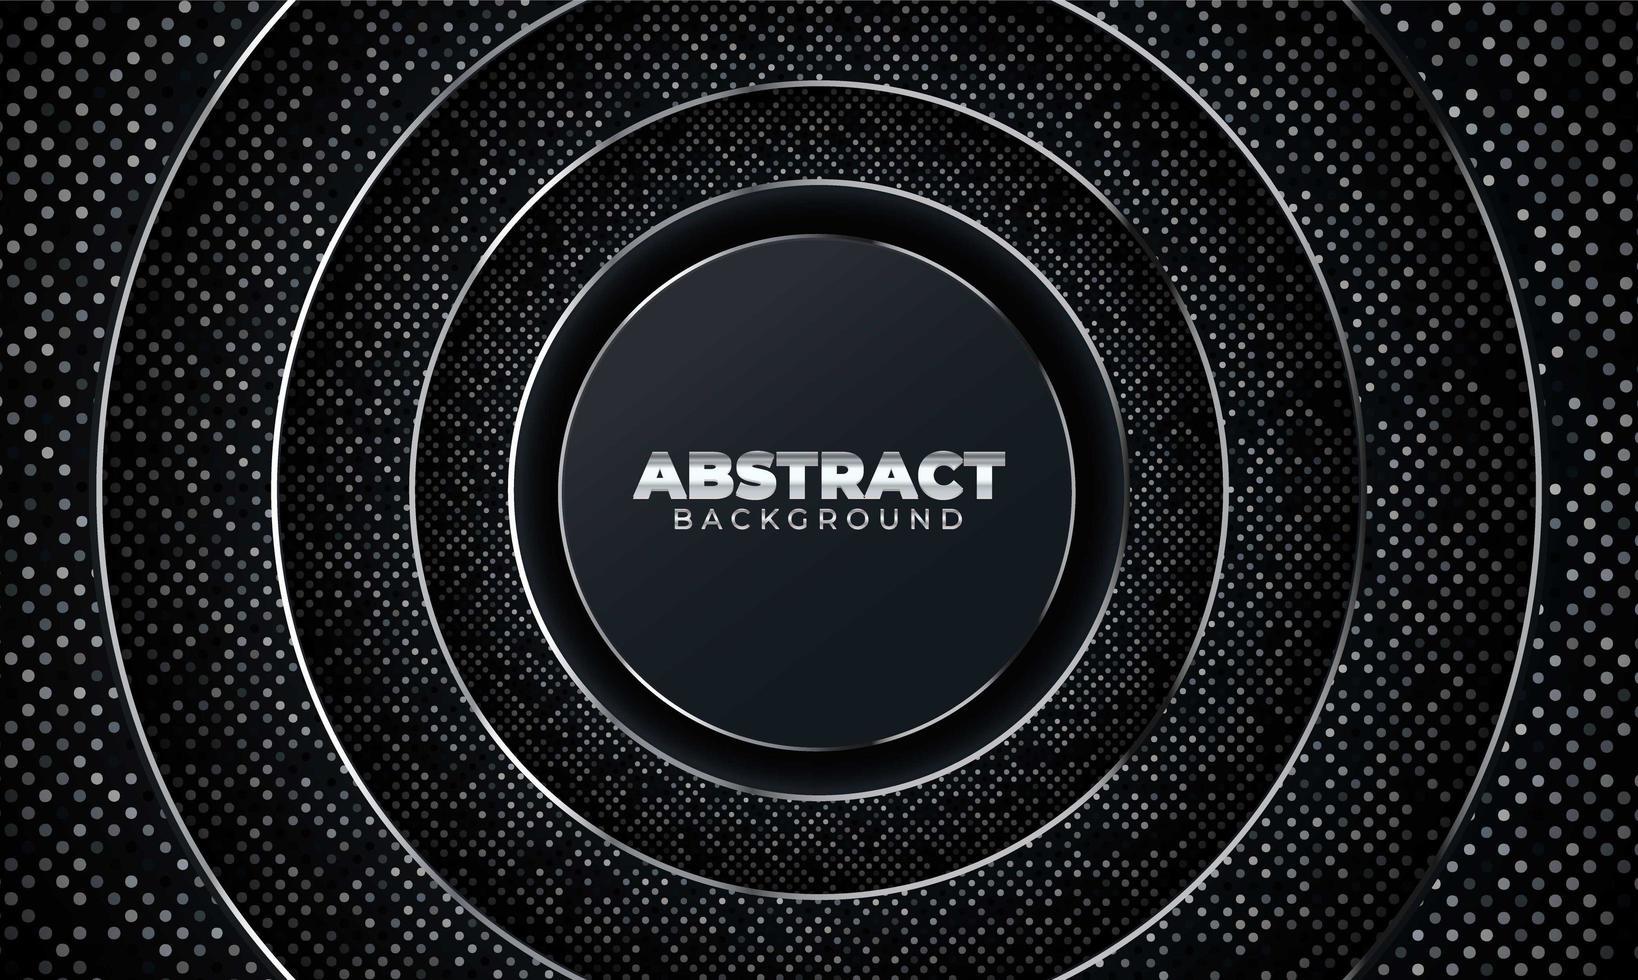 fondo abstracto con formas geométricas. Fondo abstracto negro con formas geométricas de papel. ilustración vectorial vector